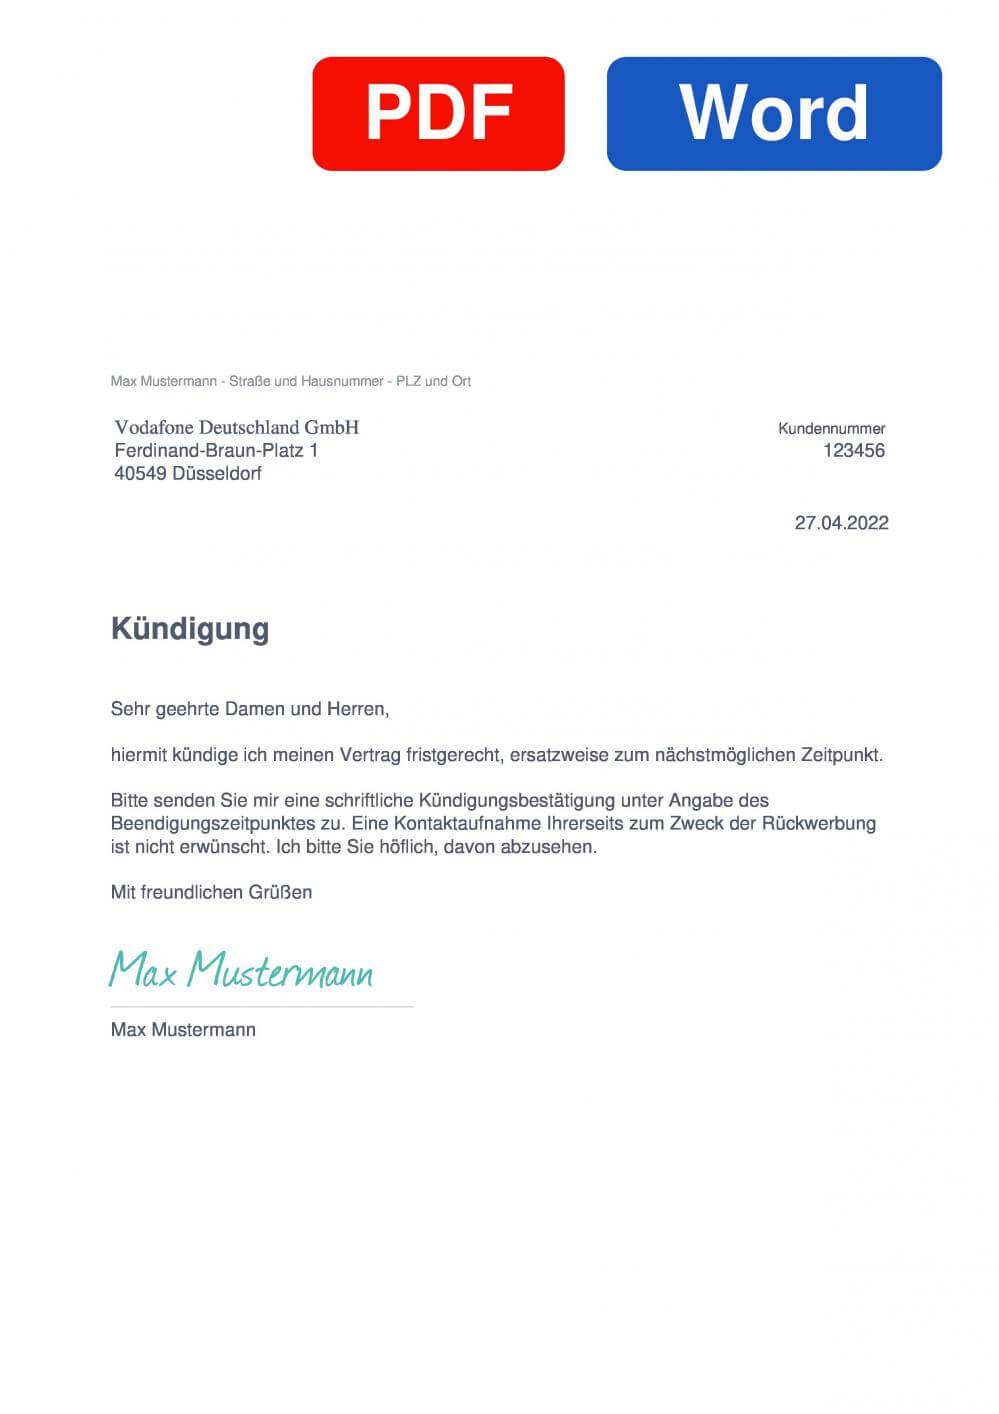 Unitymedia Muster Vorlage für Kündigungsschreiben